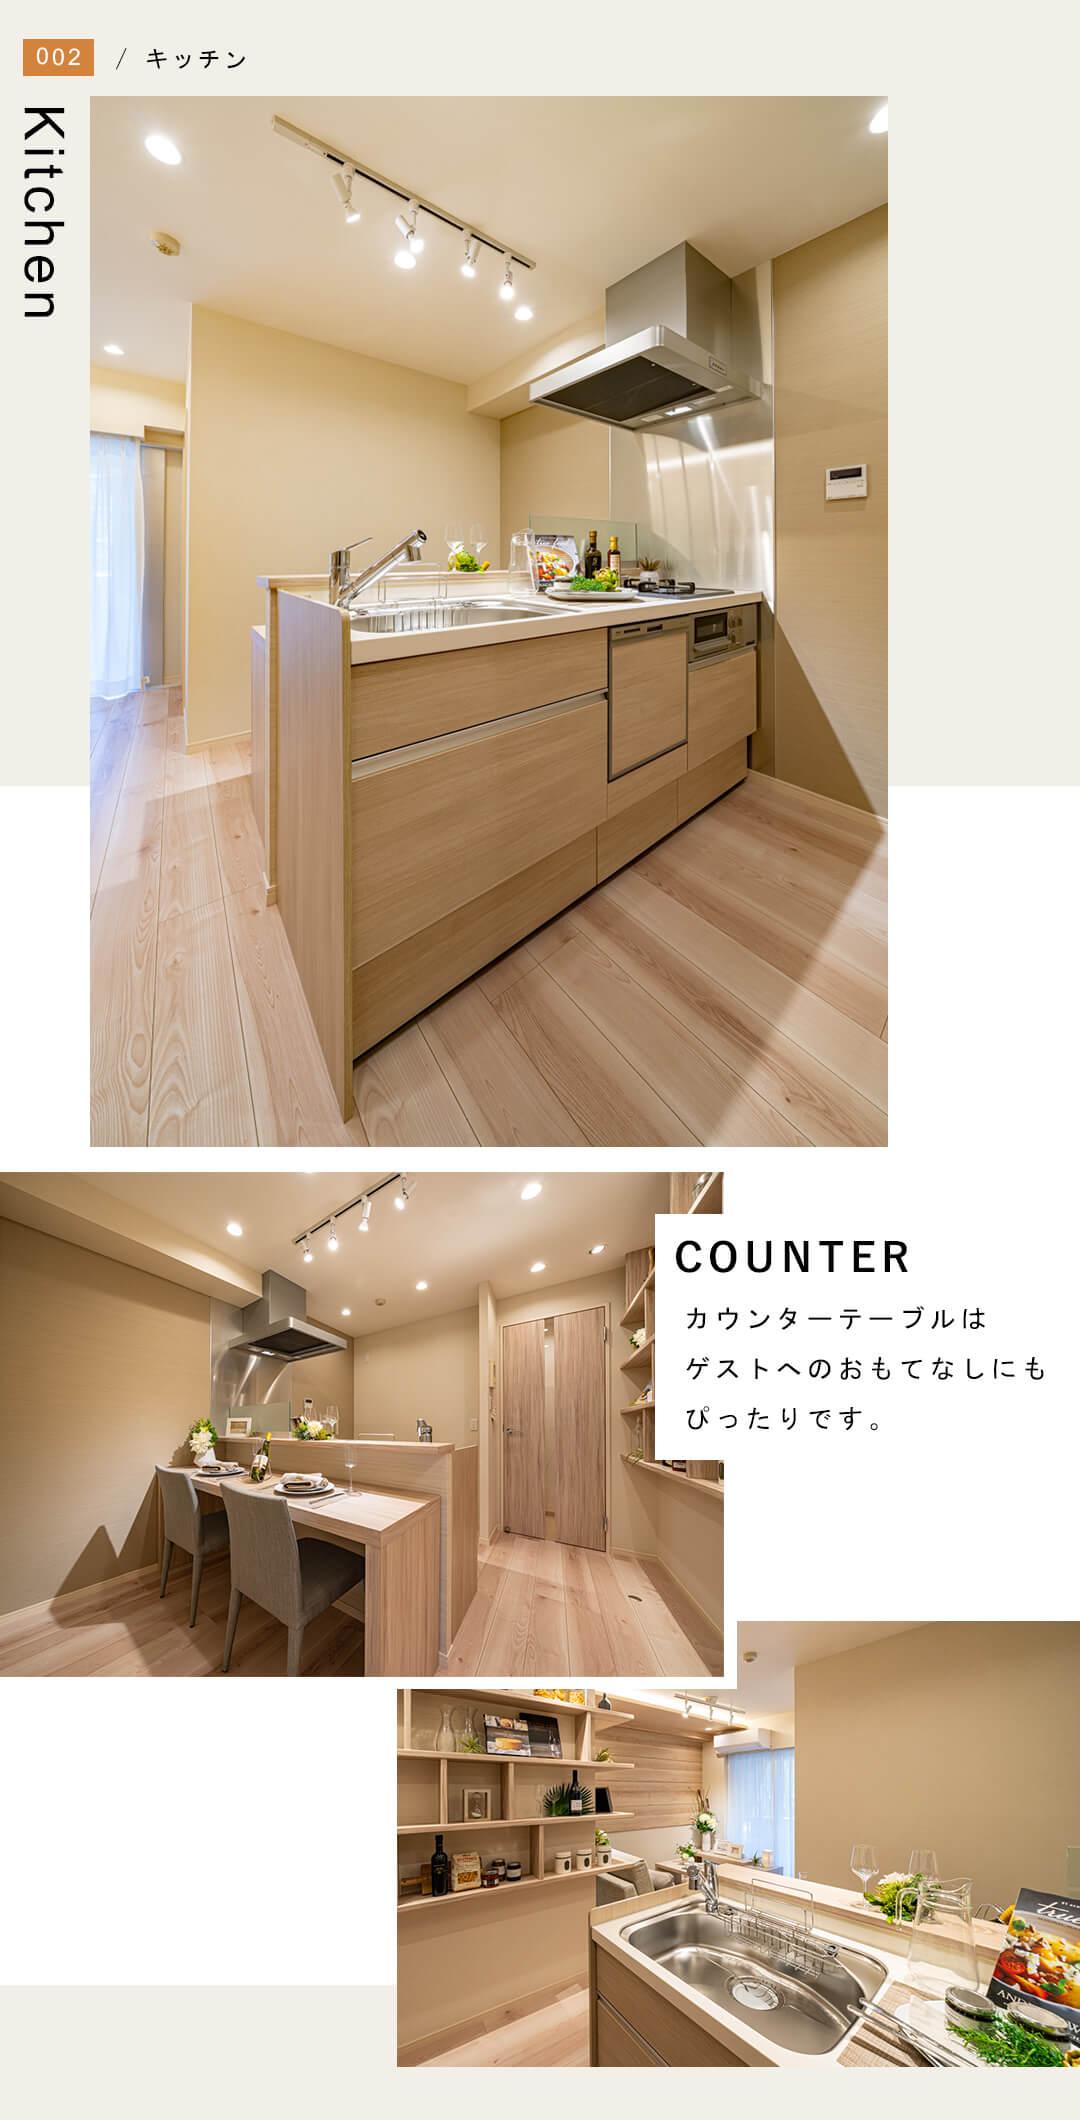 ダイナシティ高円寺のキッチン